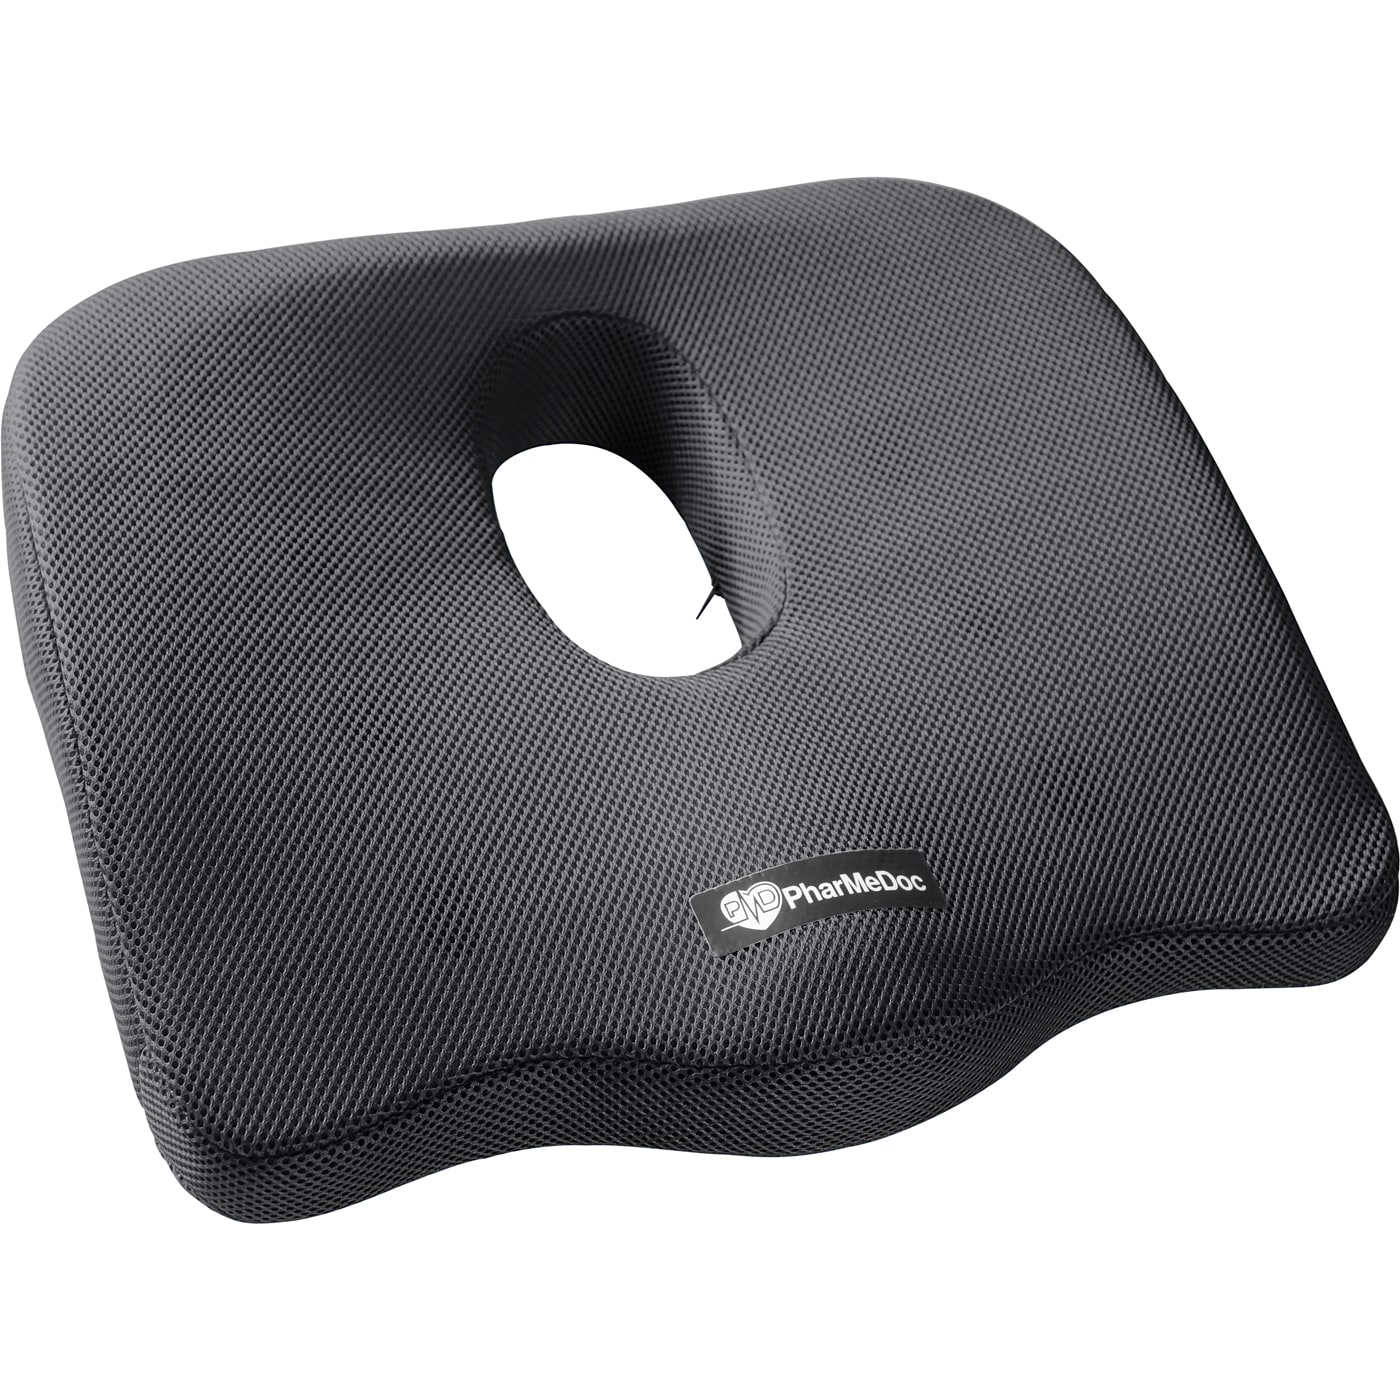 PharMeDoc Orthopedic Coccyx Seat Cushion Foam Tailbone Pi...